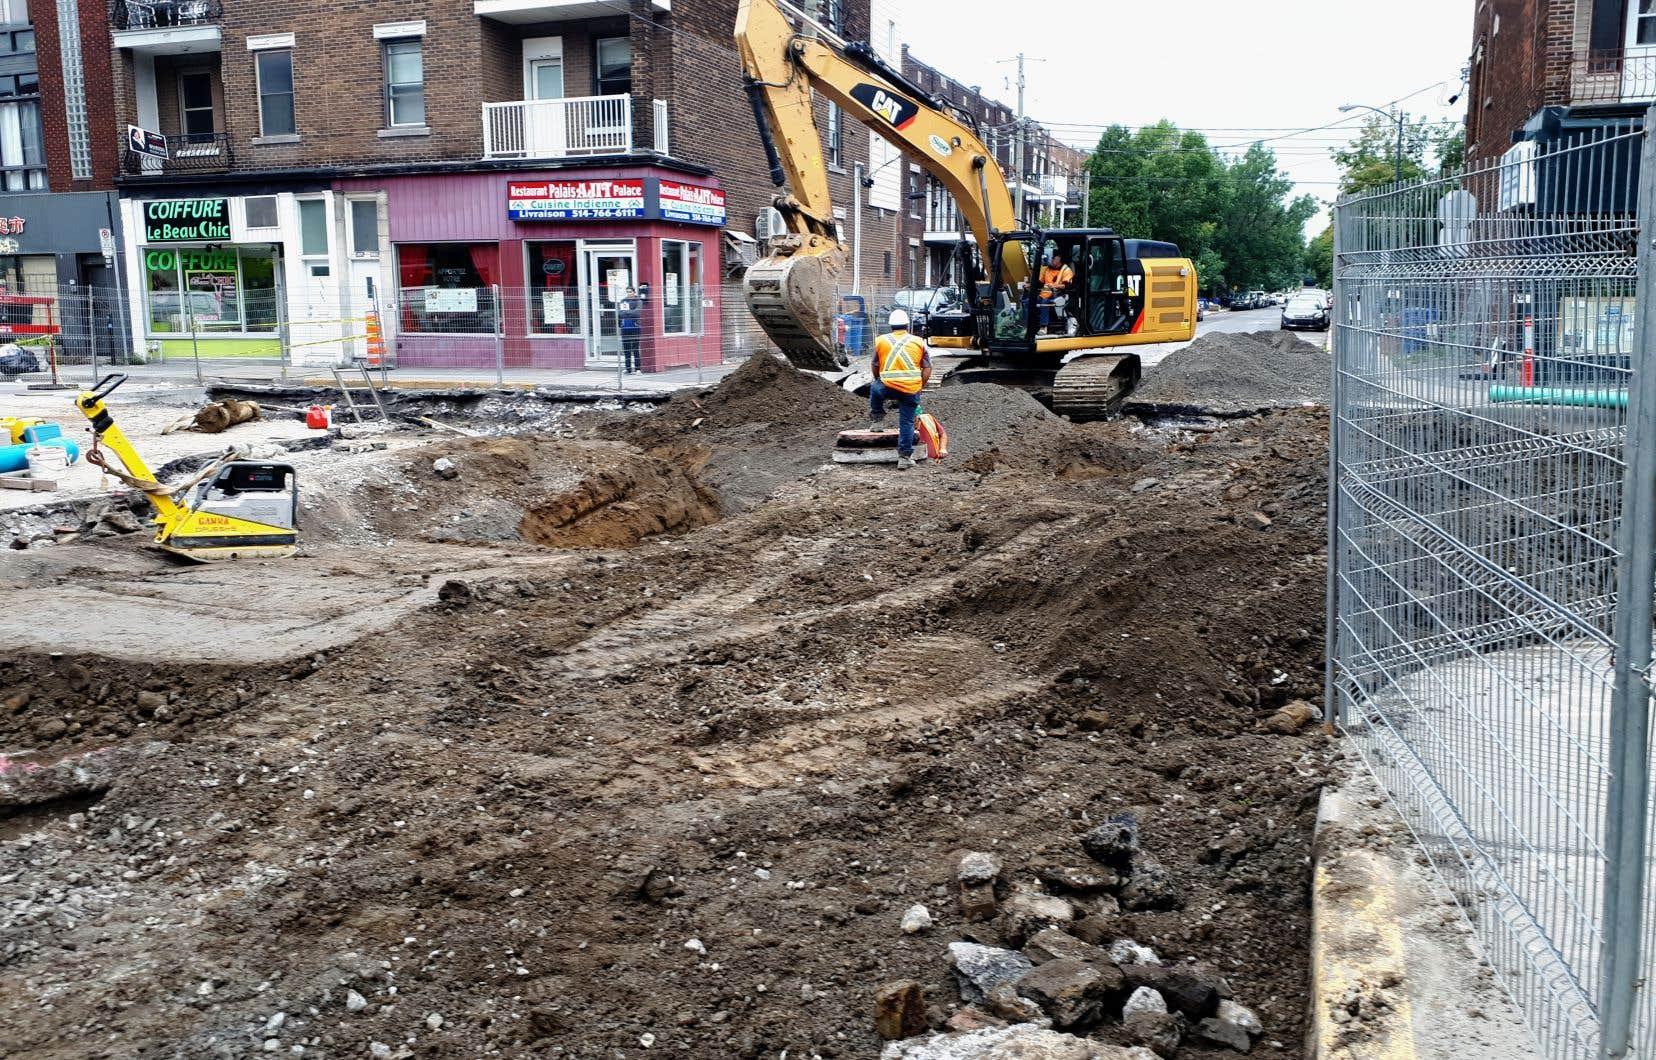 À l'heure actuelle, la Ville remplace tous ses tuyaux en plomb lors de travaux d'infrastructures et de réfection de chaussées. À l'avenir, si elle constate que l'entrée de service du côté privé est aussi en plomb, elle la remplacera en même temps.